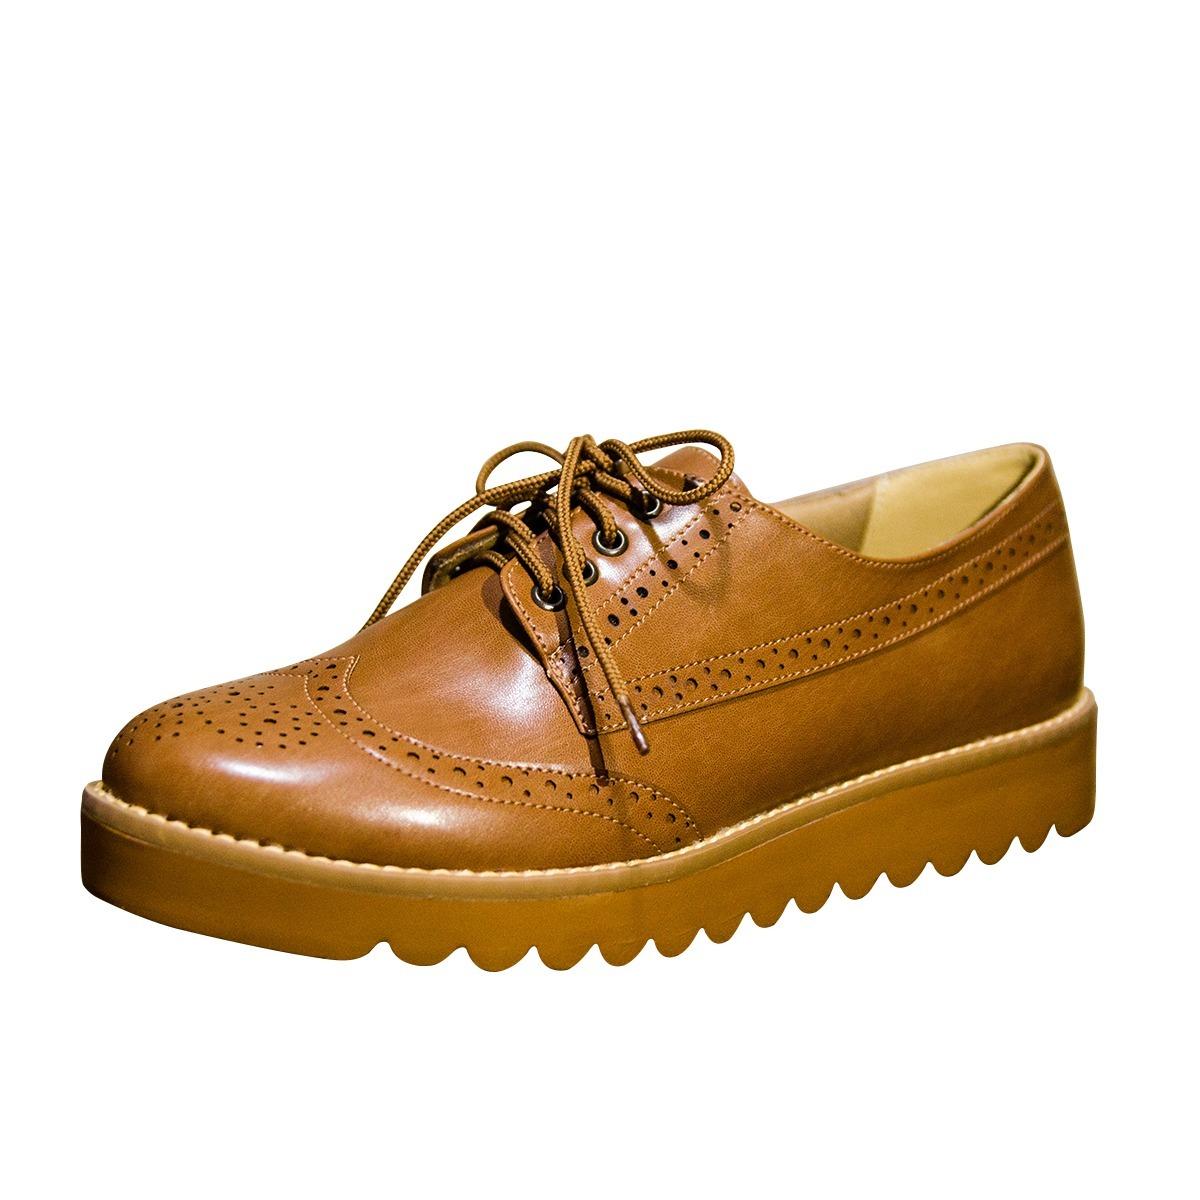 3e5fb9501e sapato oxford feminino sola tratorada marrom ref 1103. Carregando zoom.